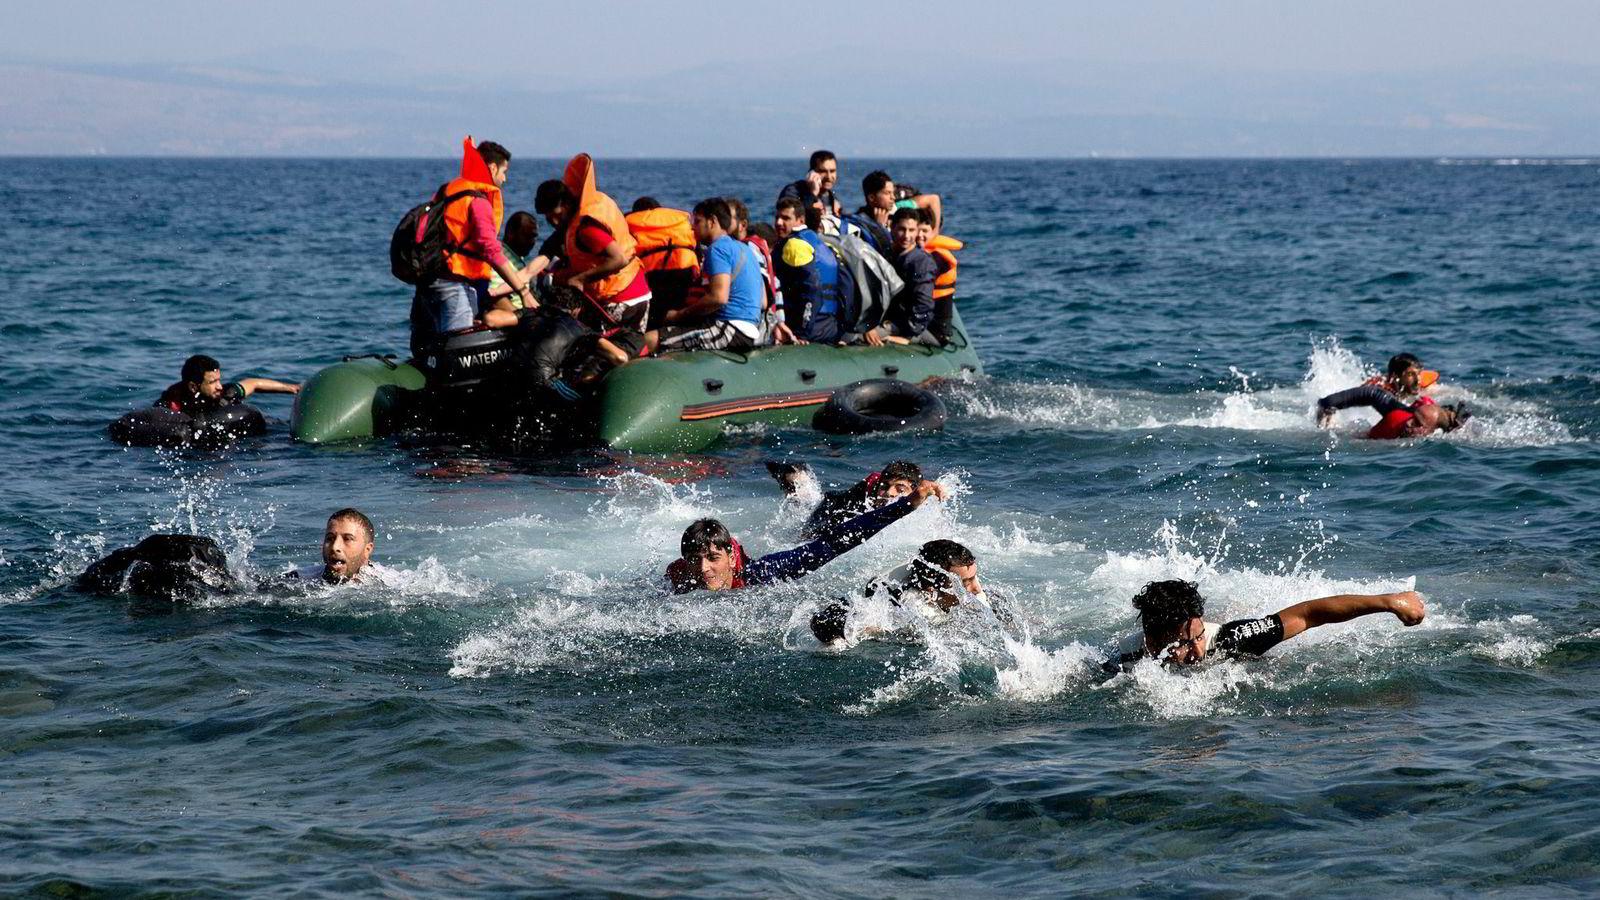 Nød og «velkommen-politikk» har gjort at hundretusener av flyktninger risikerer livet for å komme seg til Europa. Her fra øyen Lesbos i Hellas. Foto: Petros Giannakouris, AP/NTB Scanpix